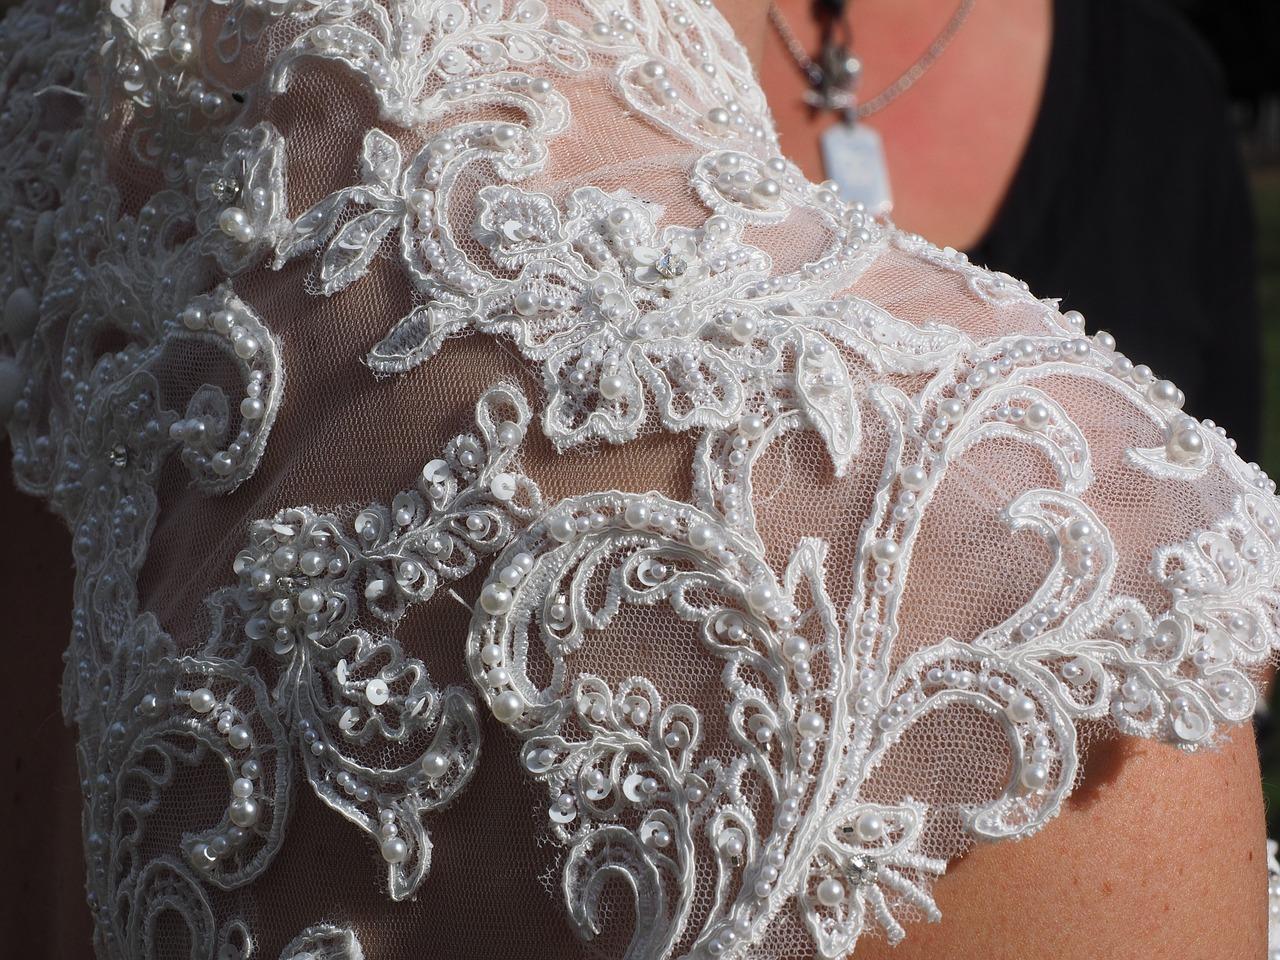 Ma robe de mariée – Partie 2 : quand la magie existe